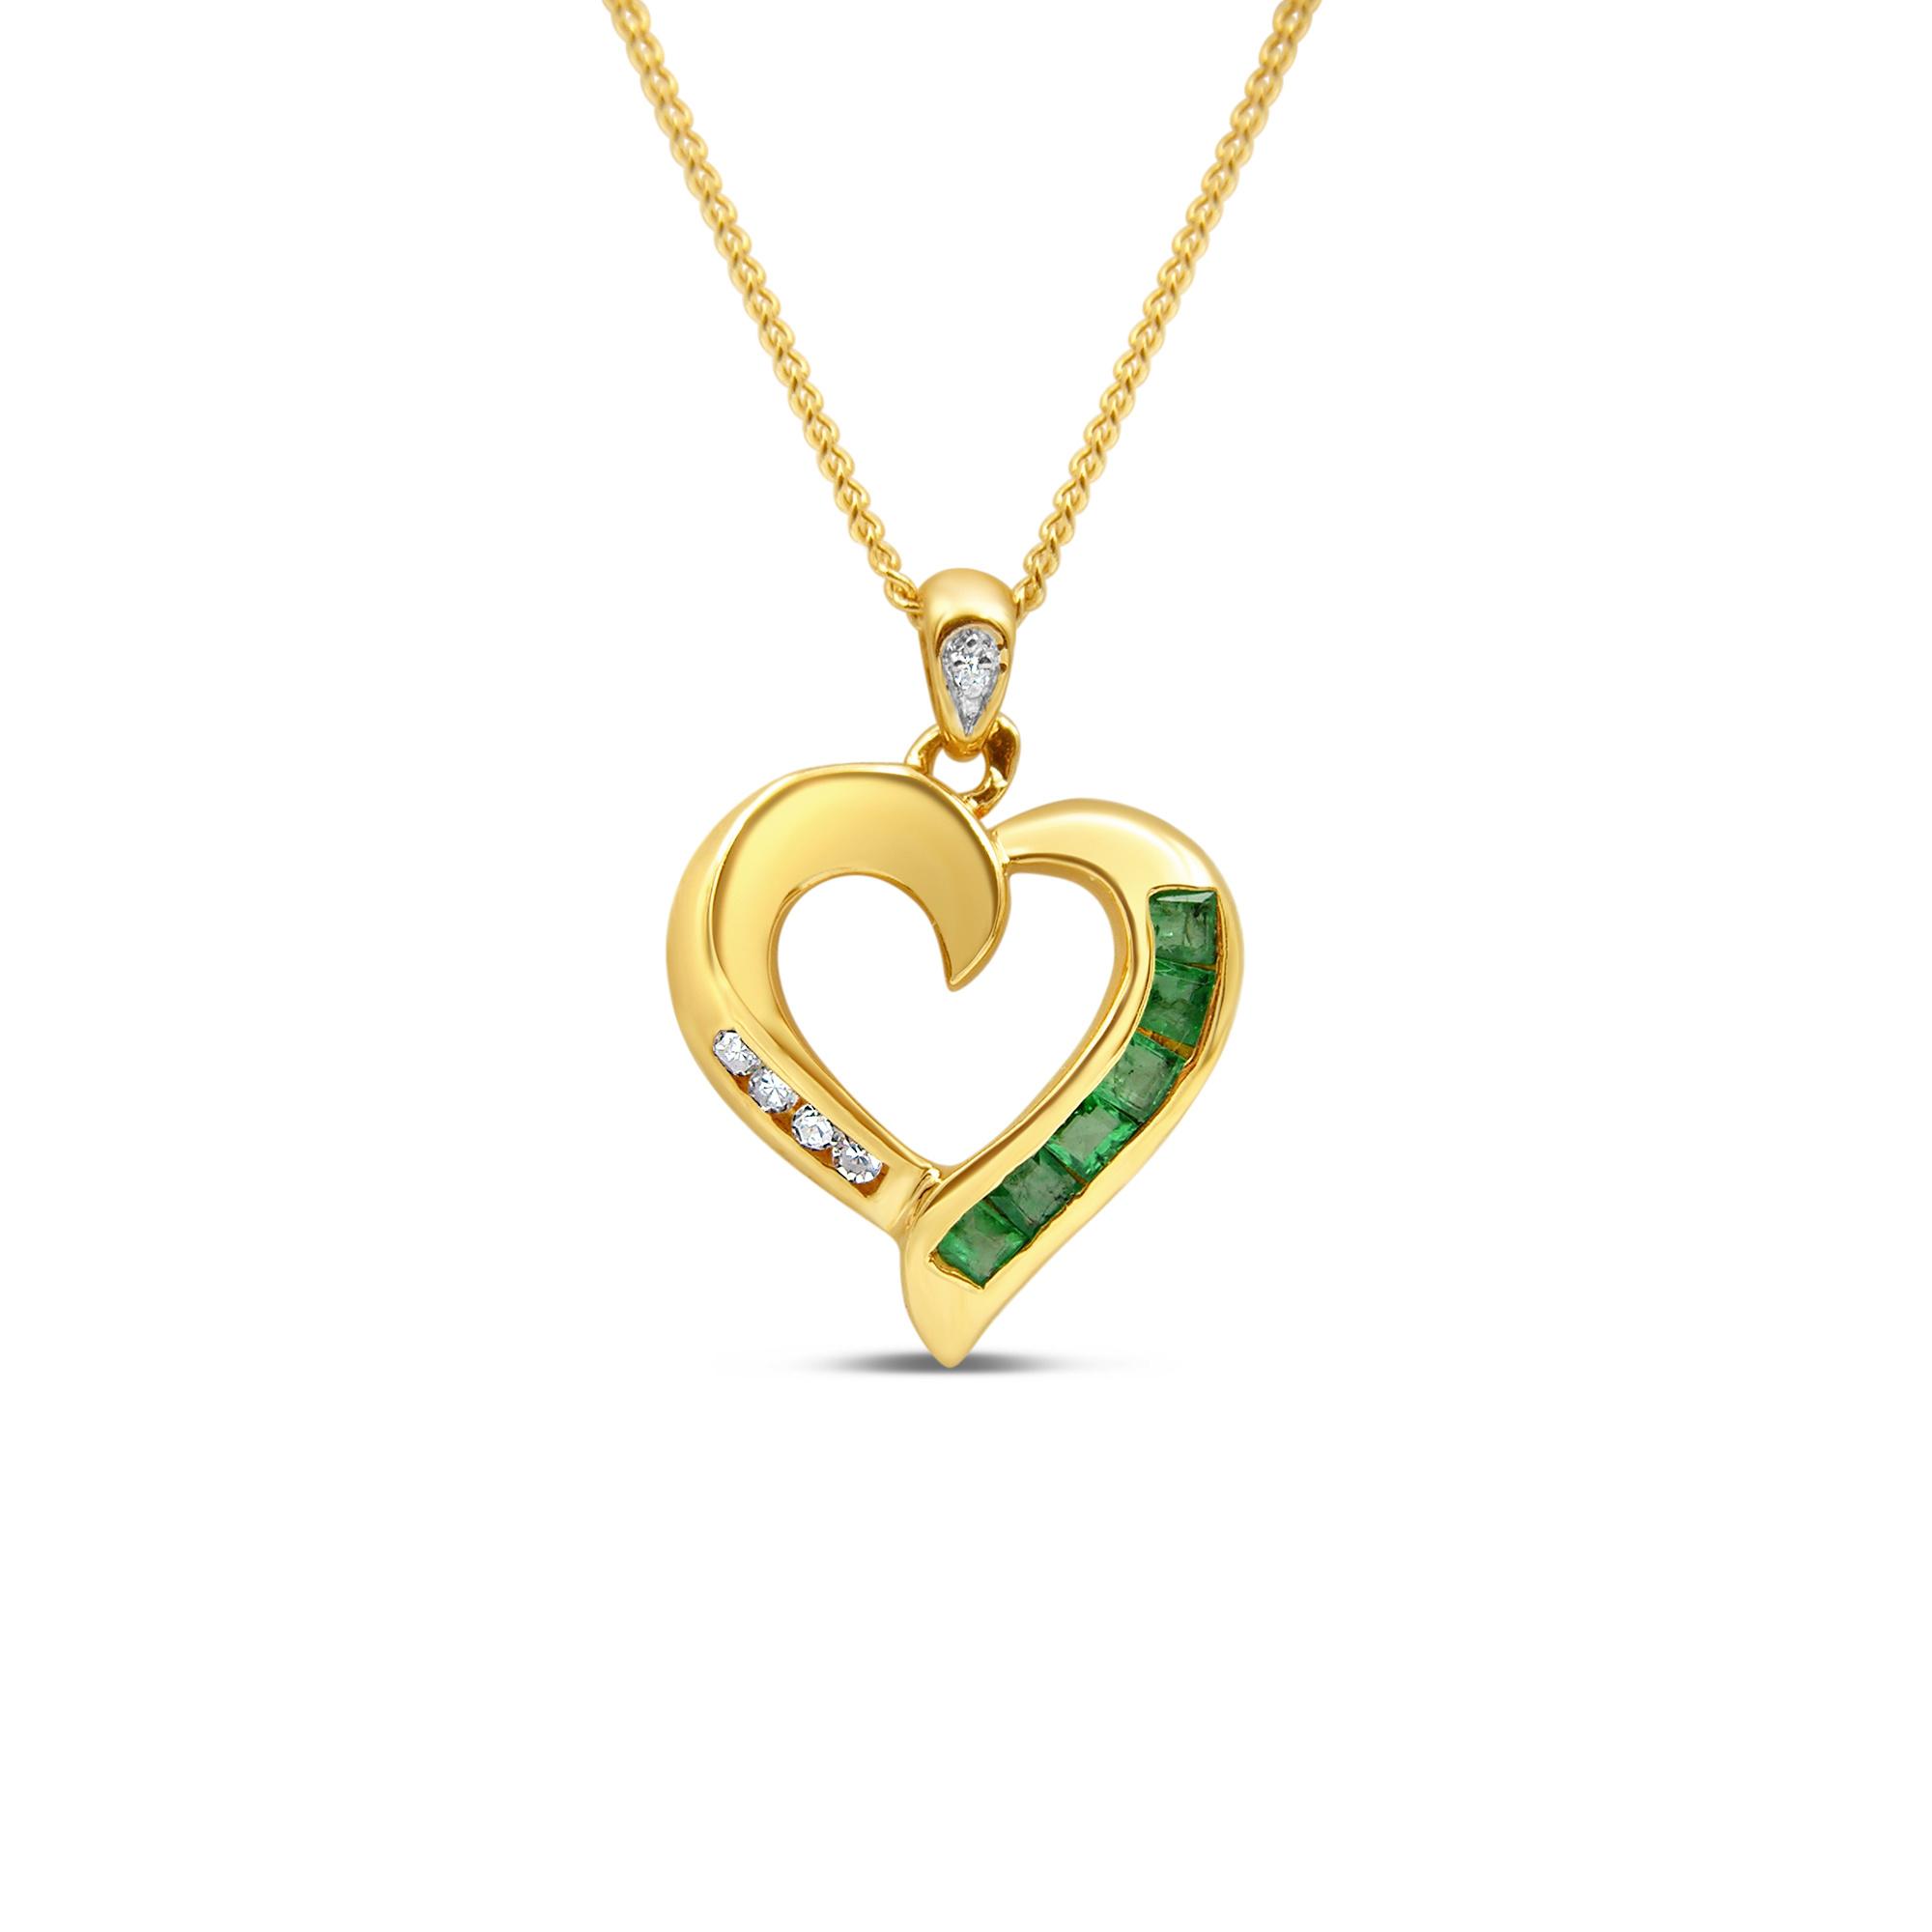 18kt geel goud hart hanger met 0.12 ct smaragd & 0.05 ct diamanten